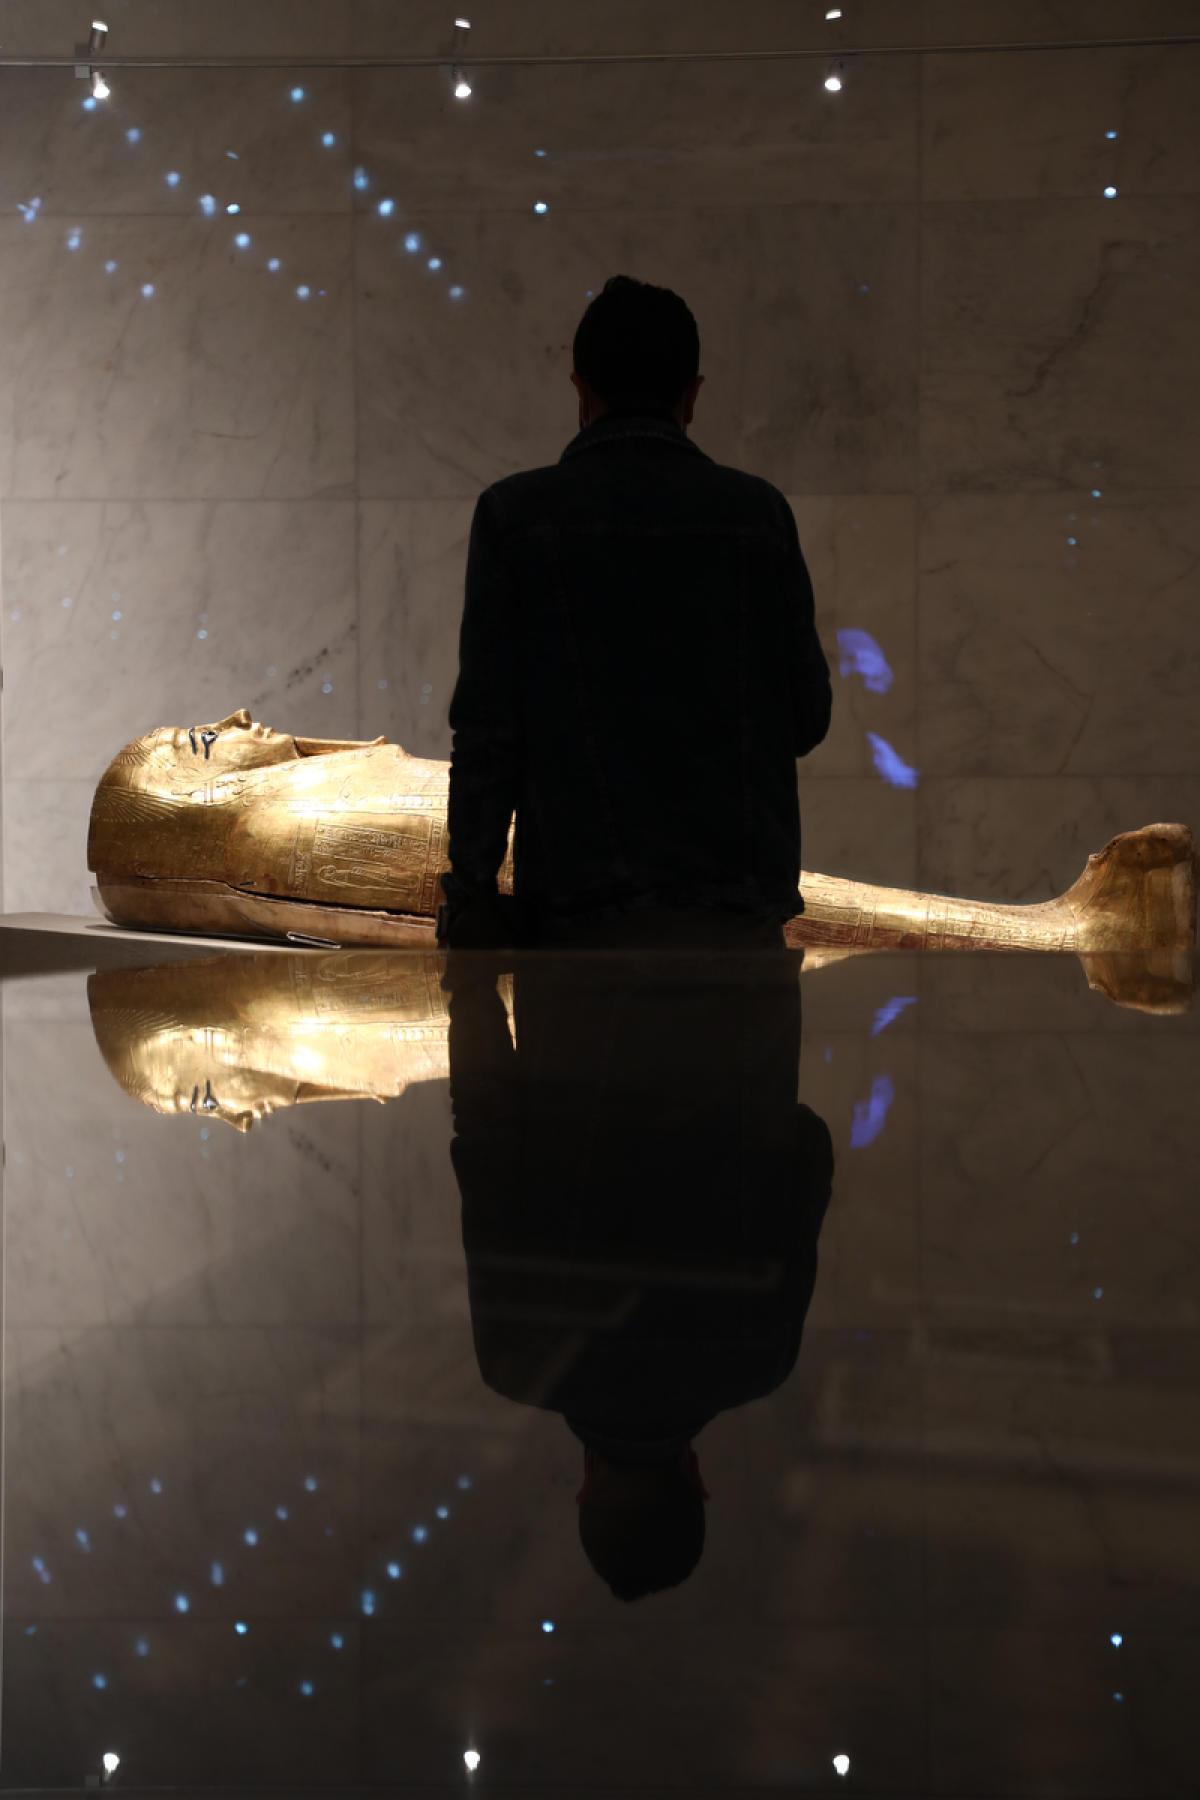 Le cercueil vieux de 2 100 ans du prêtre appelé Nedjemankh, à l'intérieur du Musée national de la civilisation égyptienne récemment ouvert sur le site archéologique d'El-Fustat, au Caire, le 4 avril 2021.